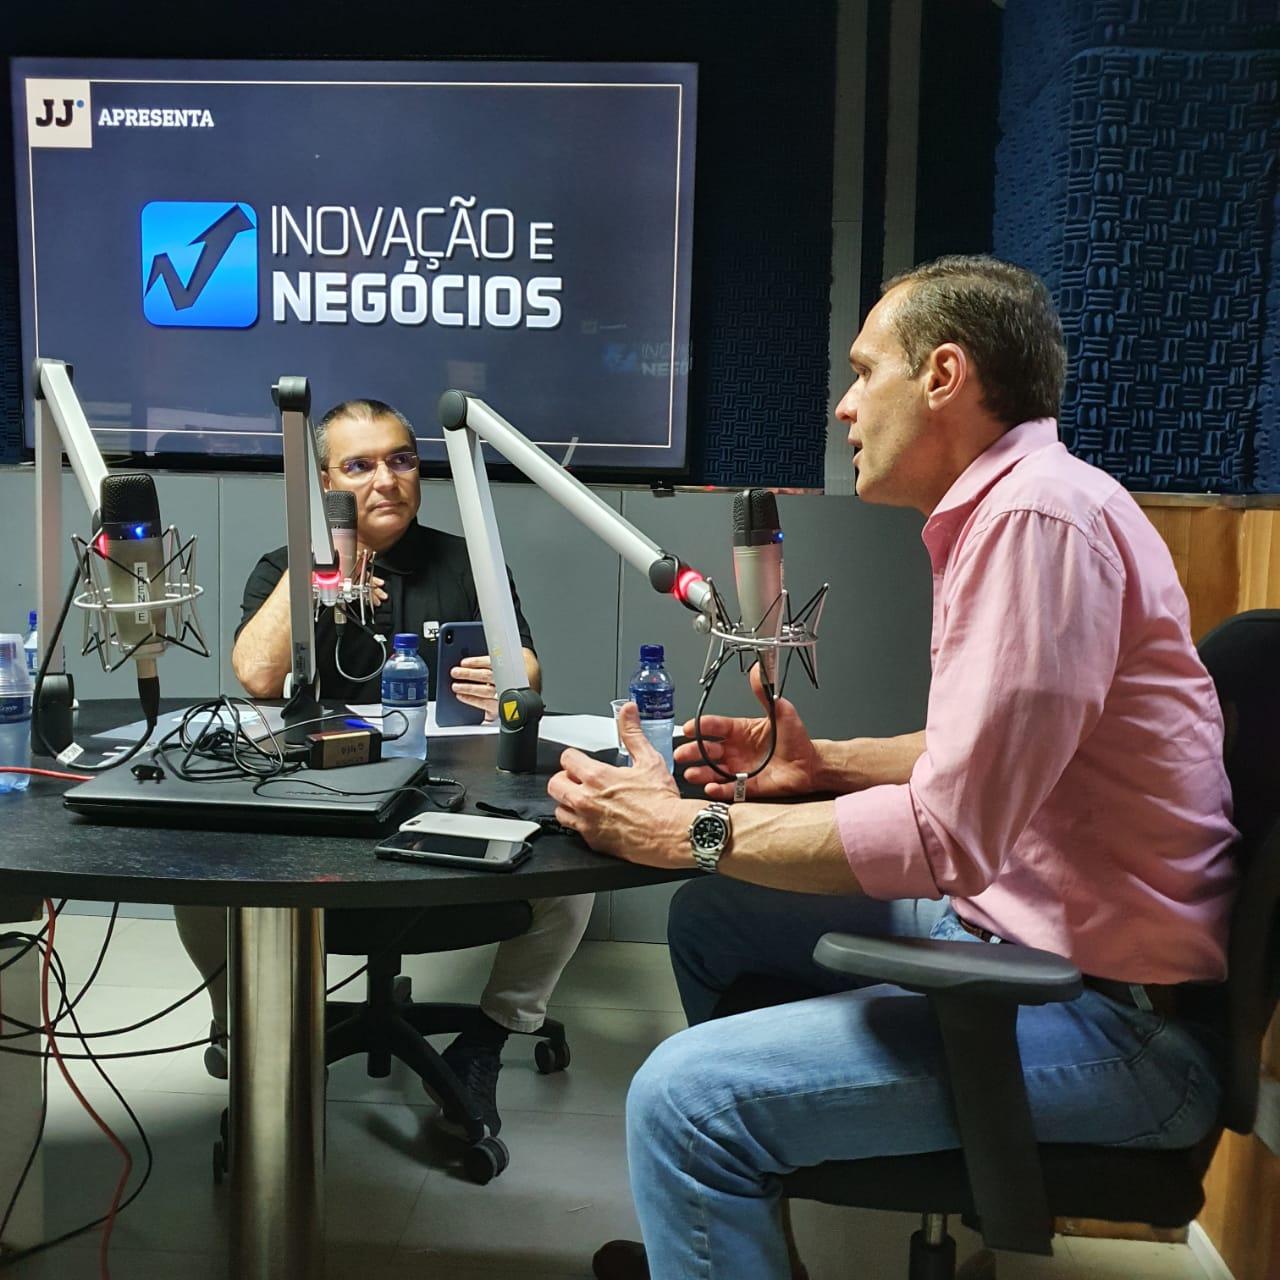 Entrevista no programa Inovação e Negócios